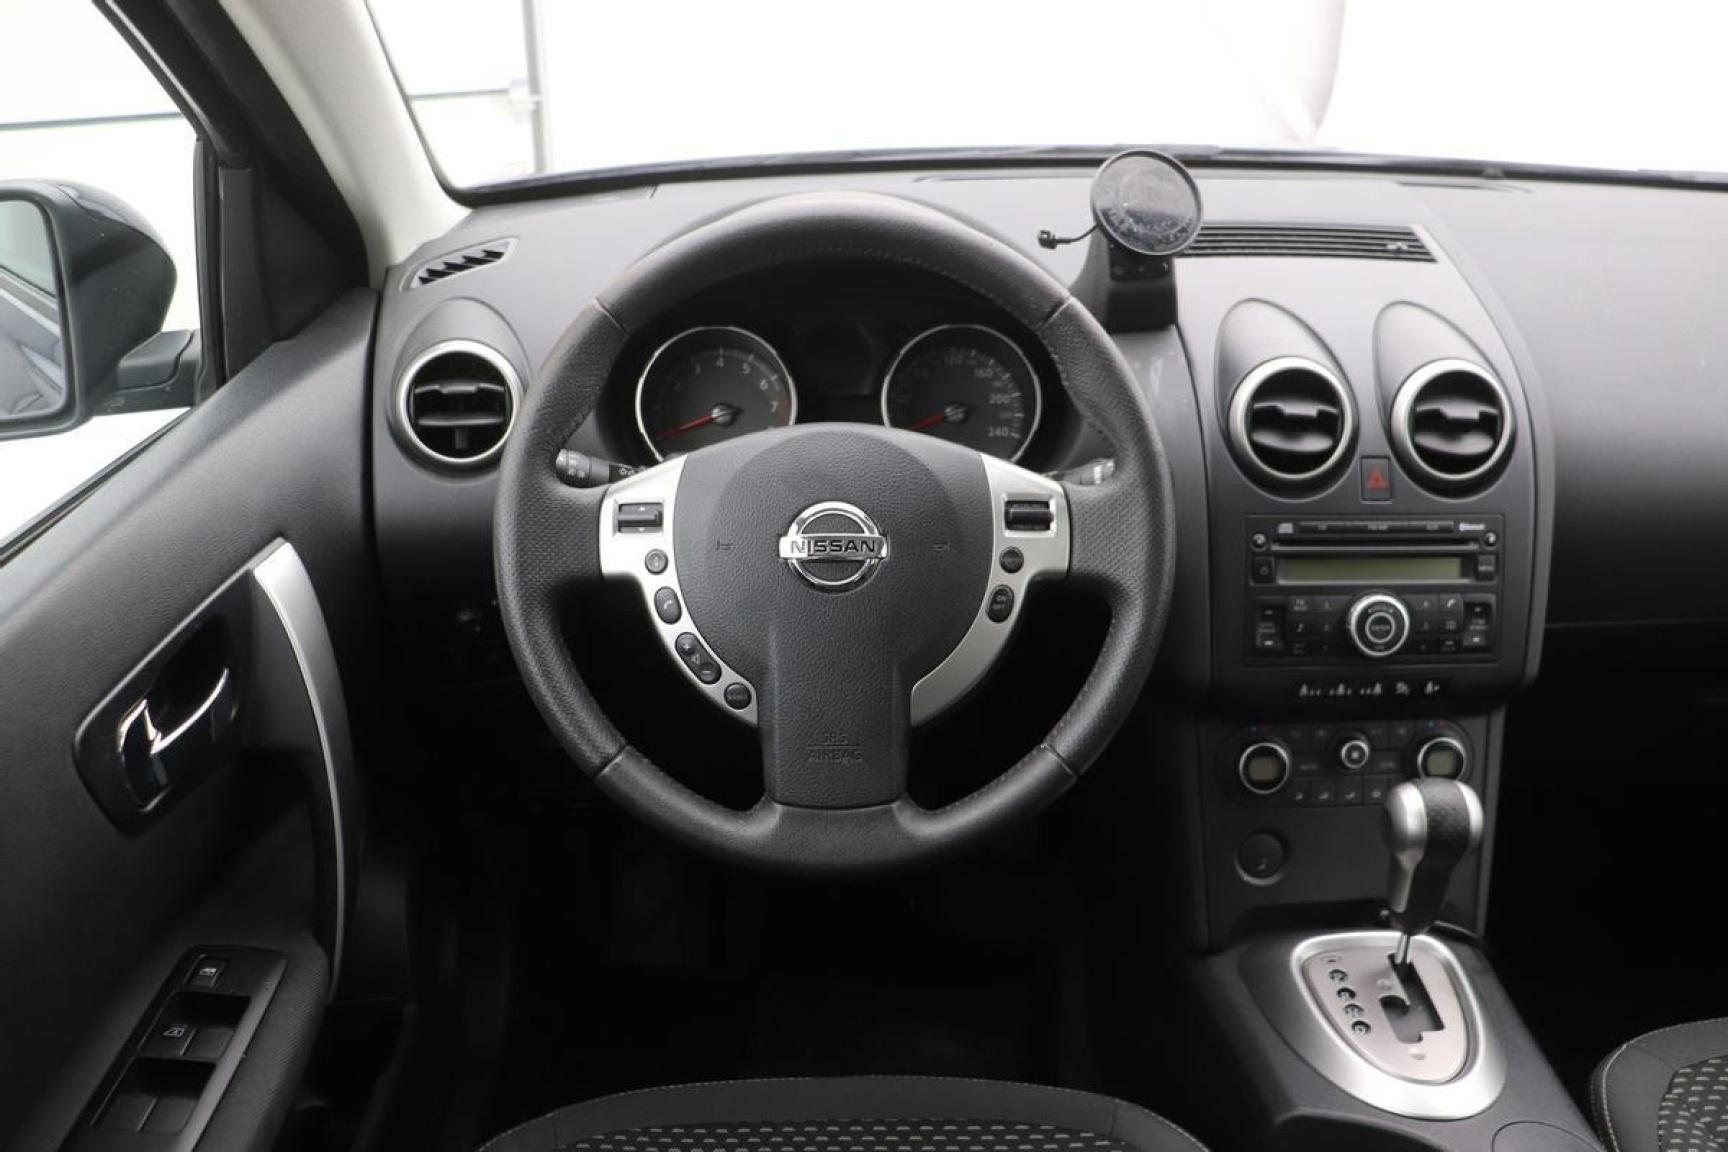 Nissan-QASHQAI-2